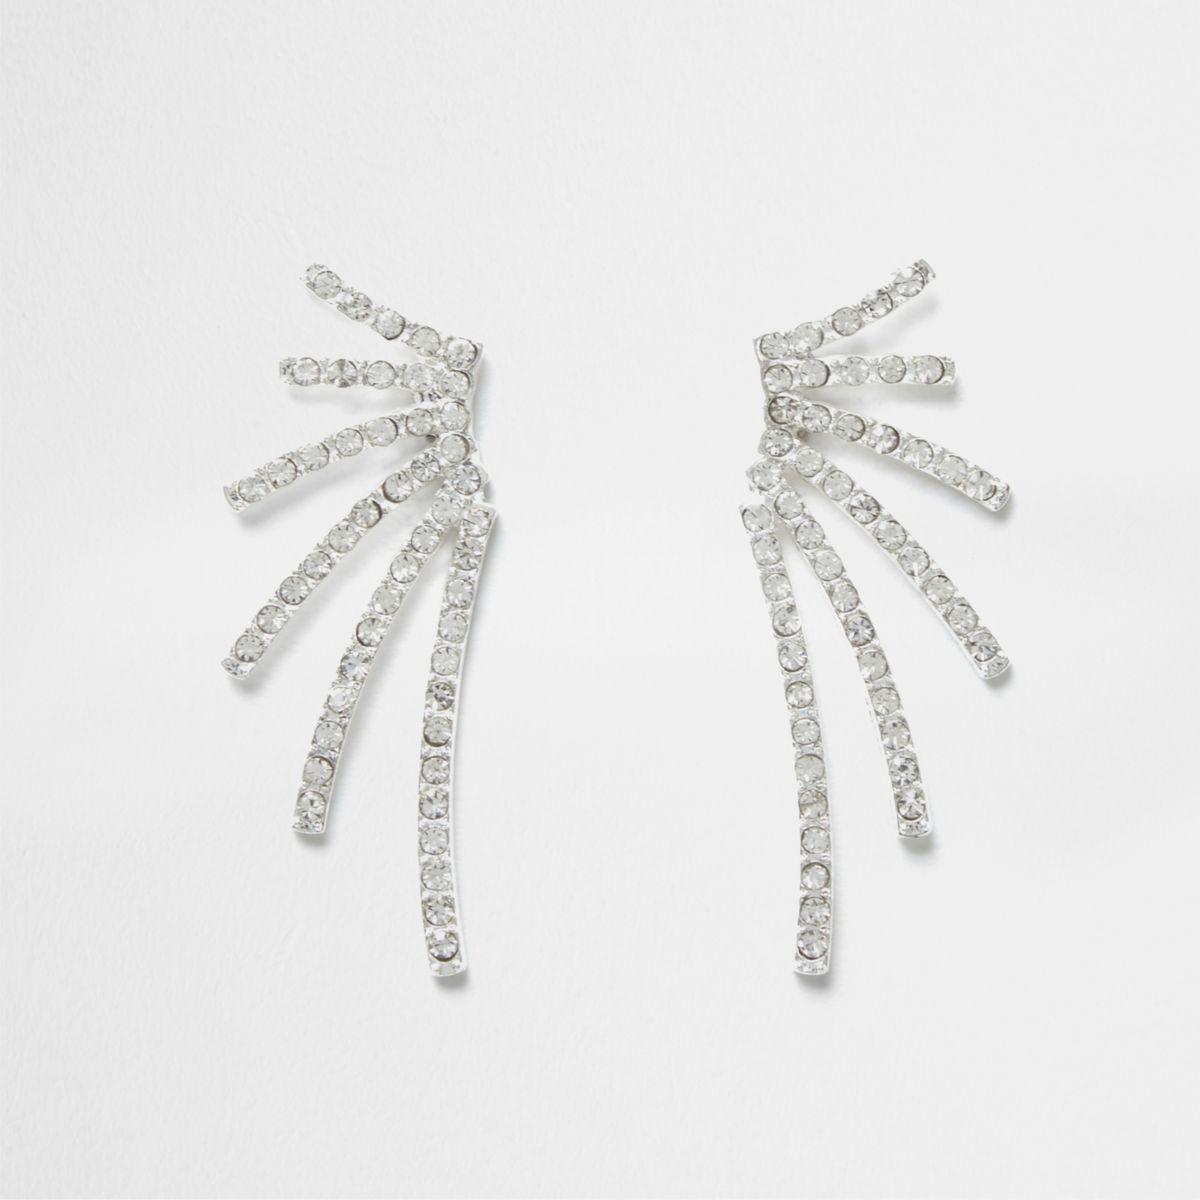 Silver tone rhinestone cascade stud earrings